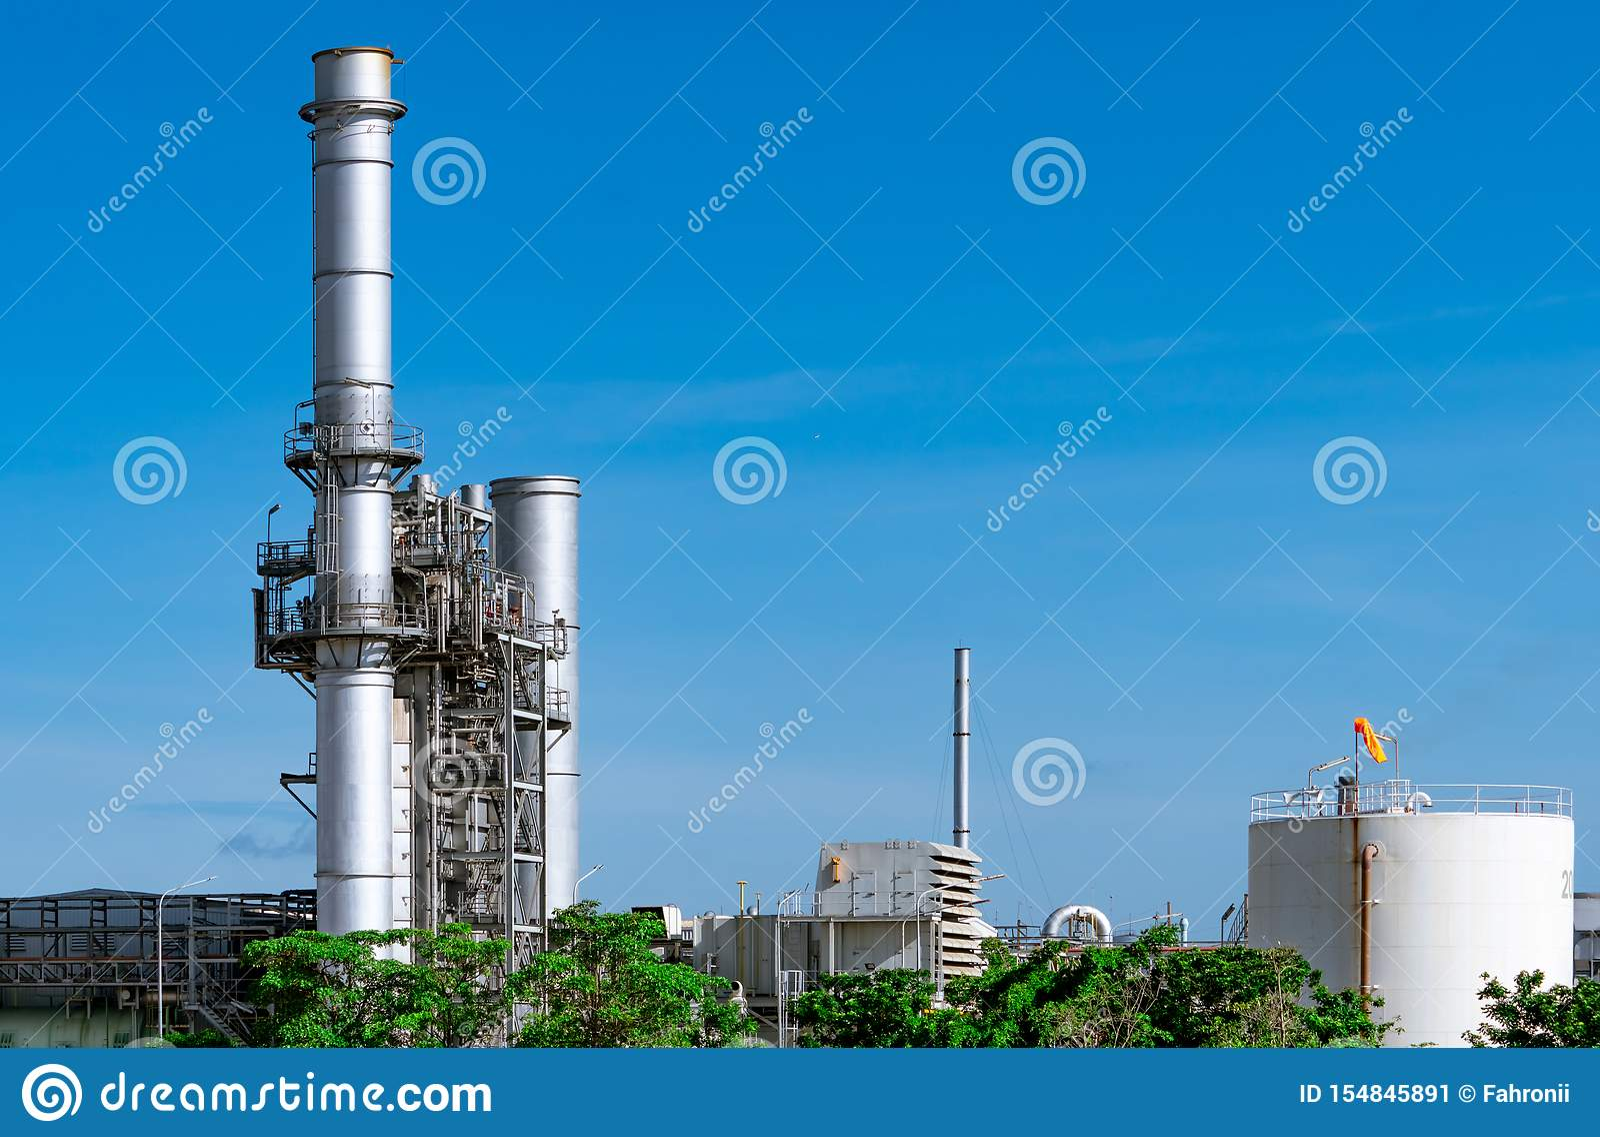 Εγκαταστάσεις ηλεκτρικής δύναμης στροβίλων αερίου Ενέργεια για το εργοστάσιο υποστήριξης στη βιομηχανική περιοχή Δεξαμενή φυσικού